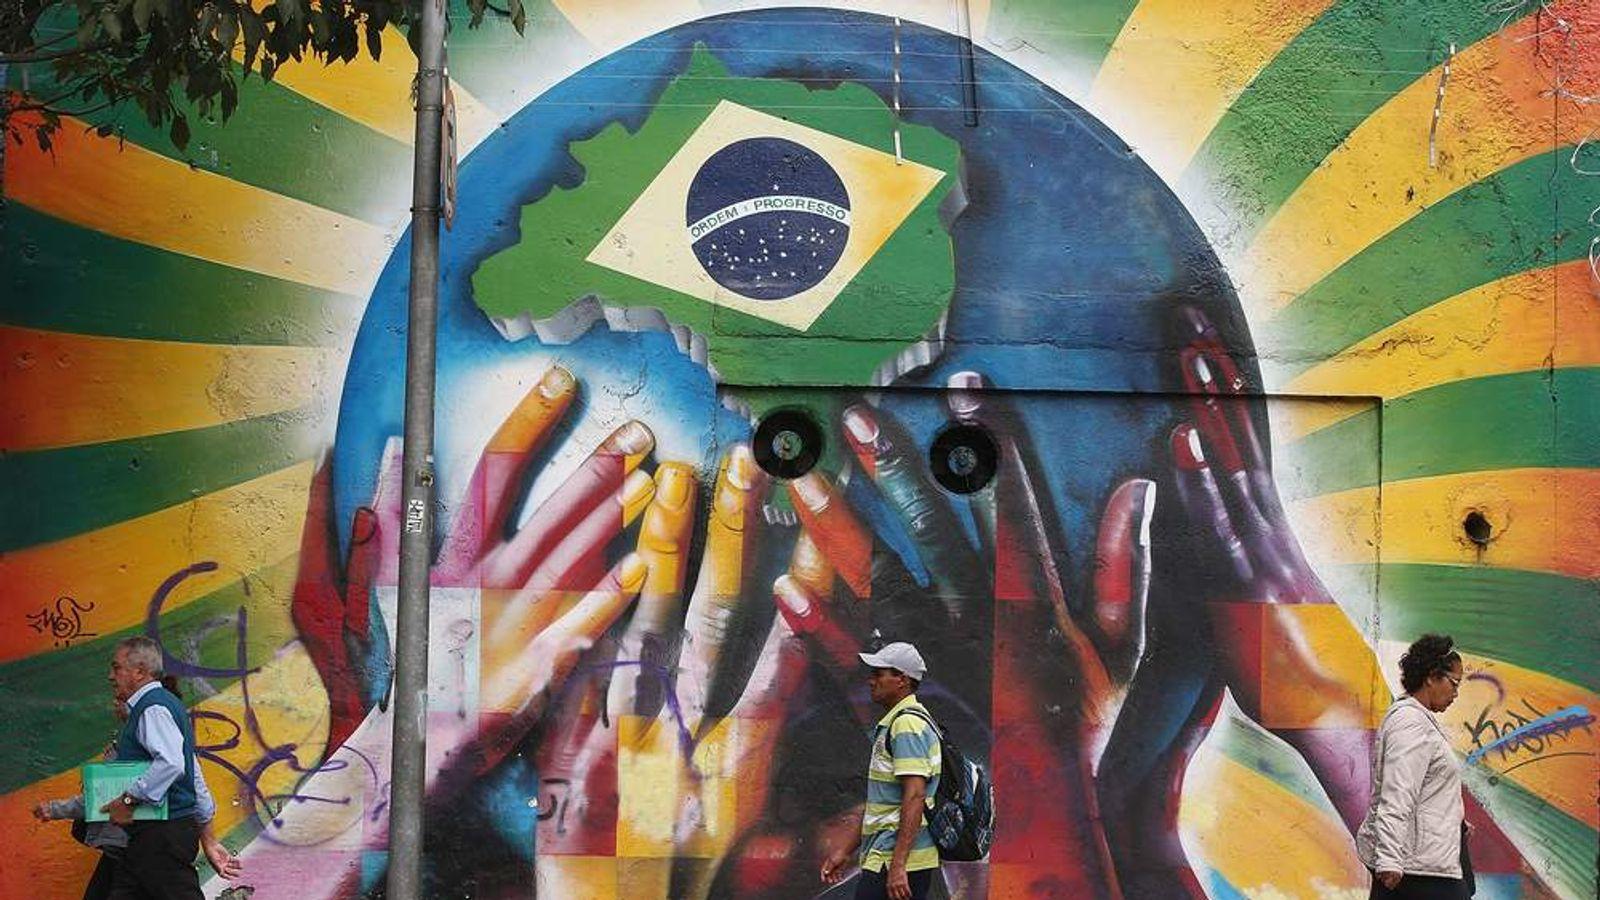 World Cup street graffiti in Sao Paulo